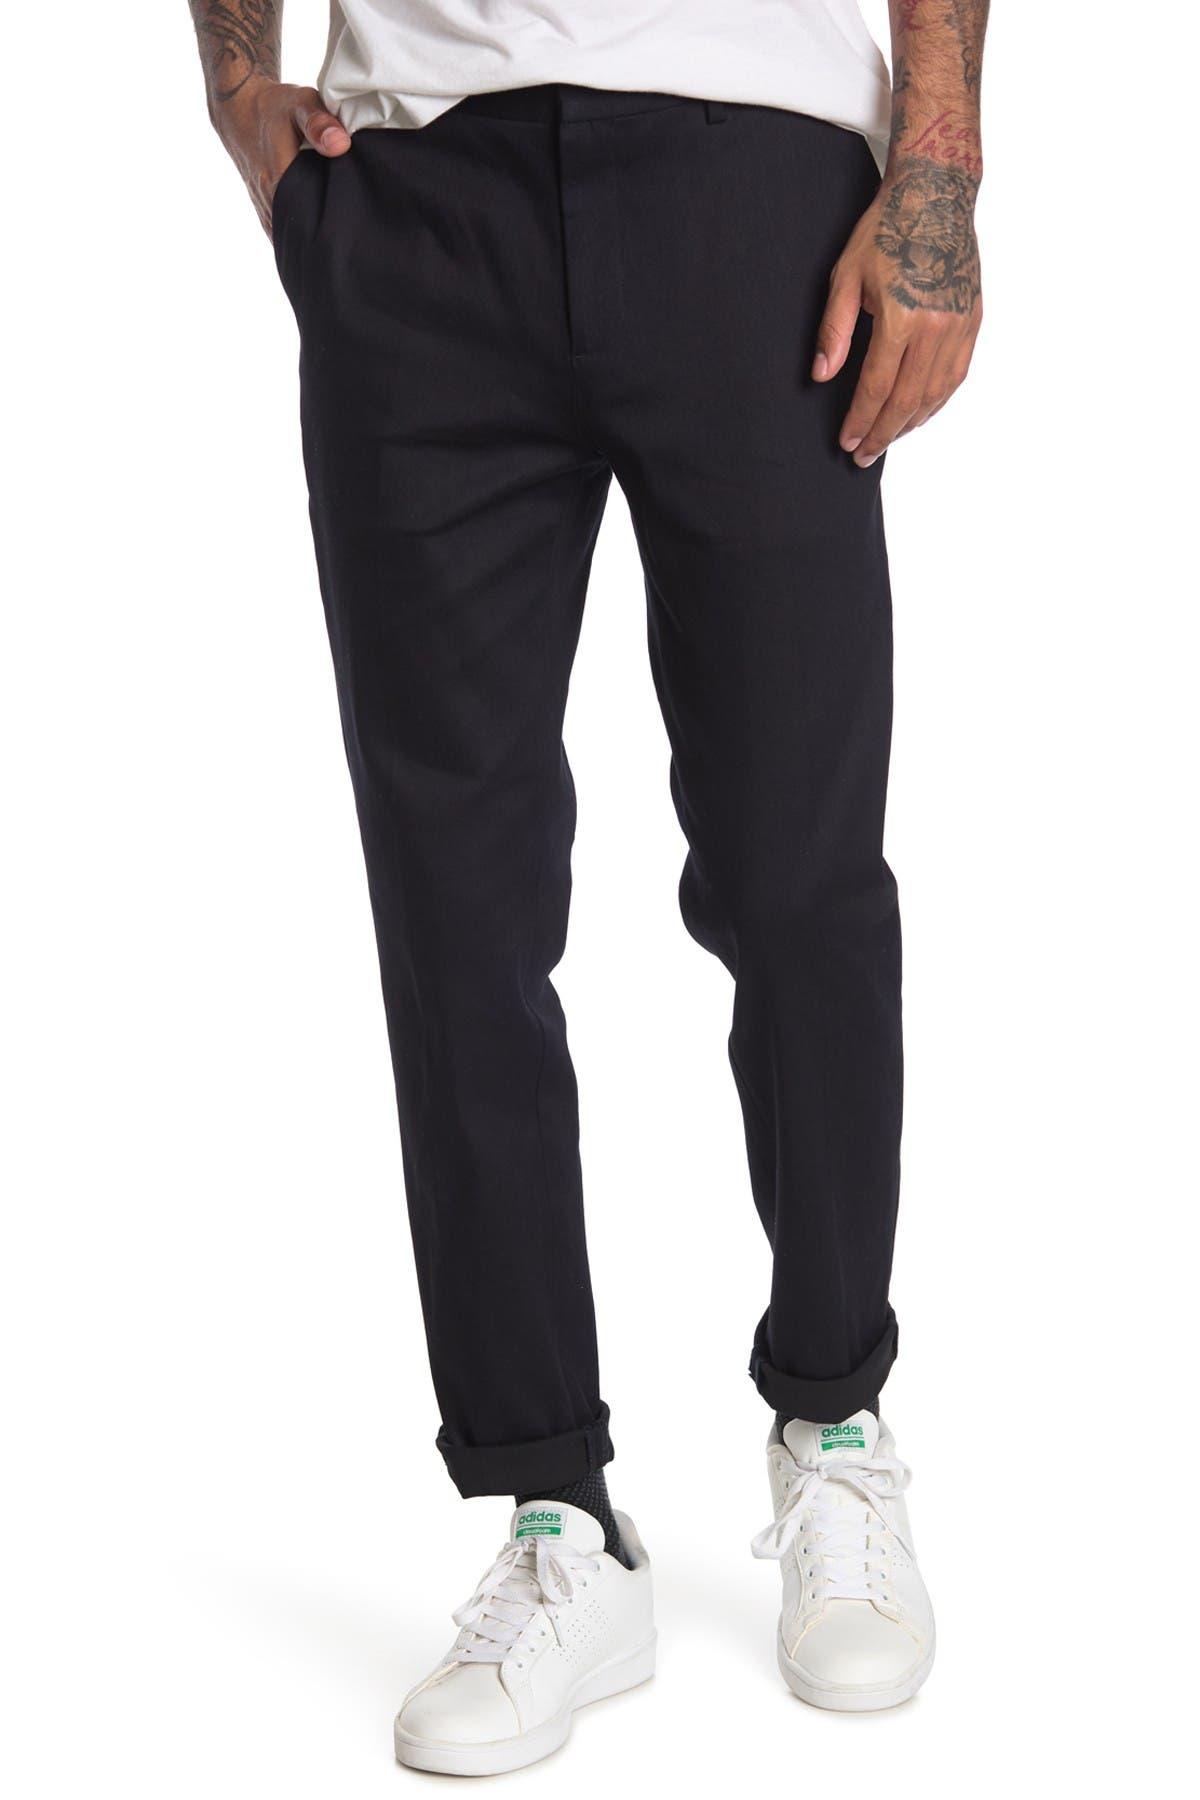 Image of Scotch & Soda Blauw Stretch Denim Jeans